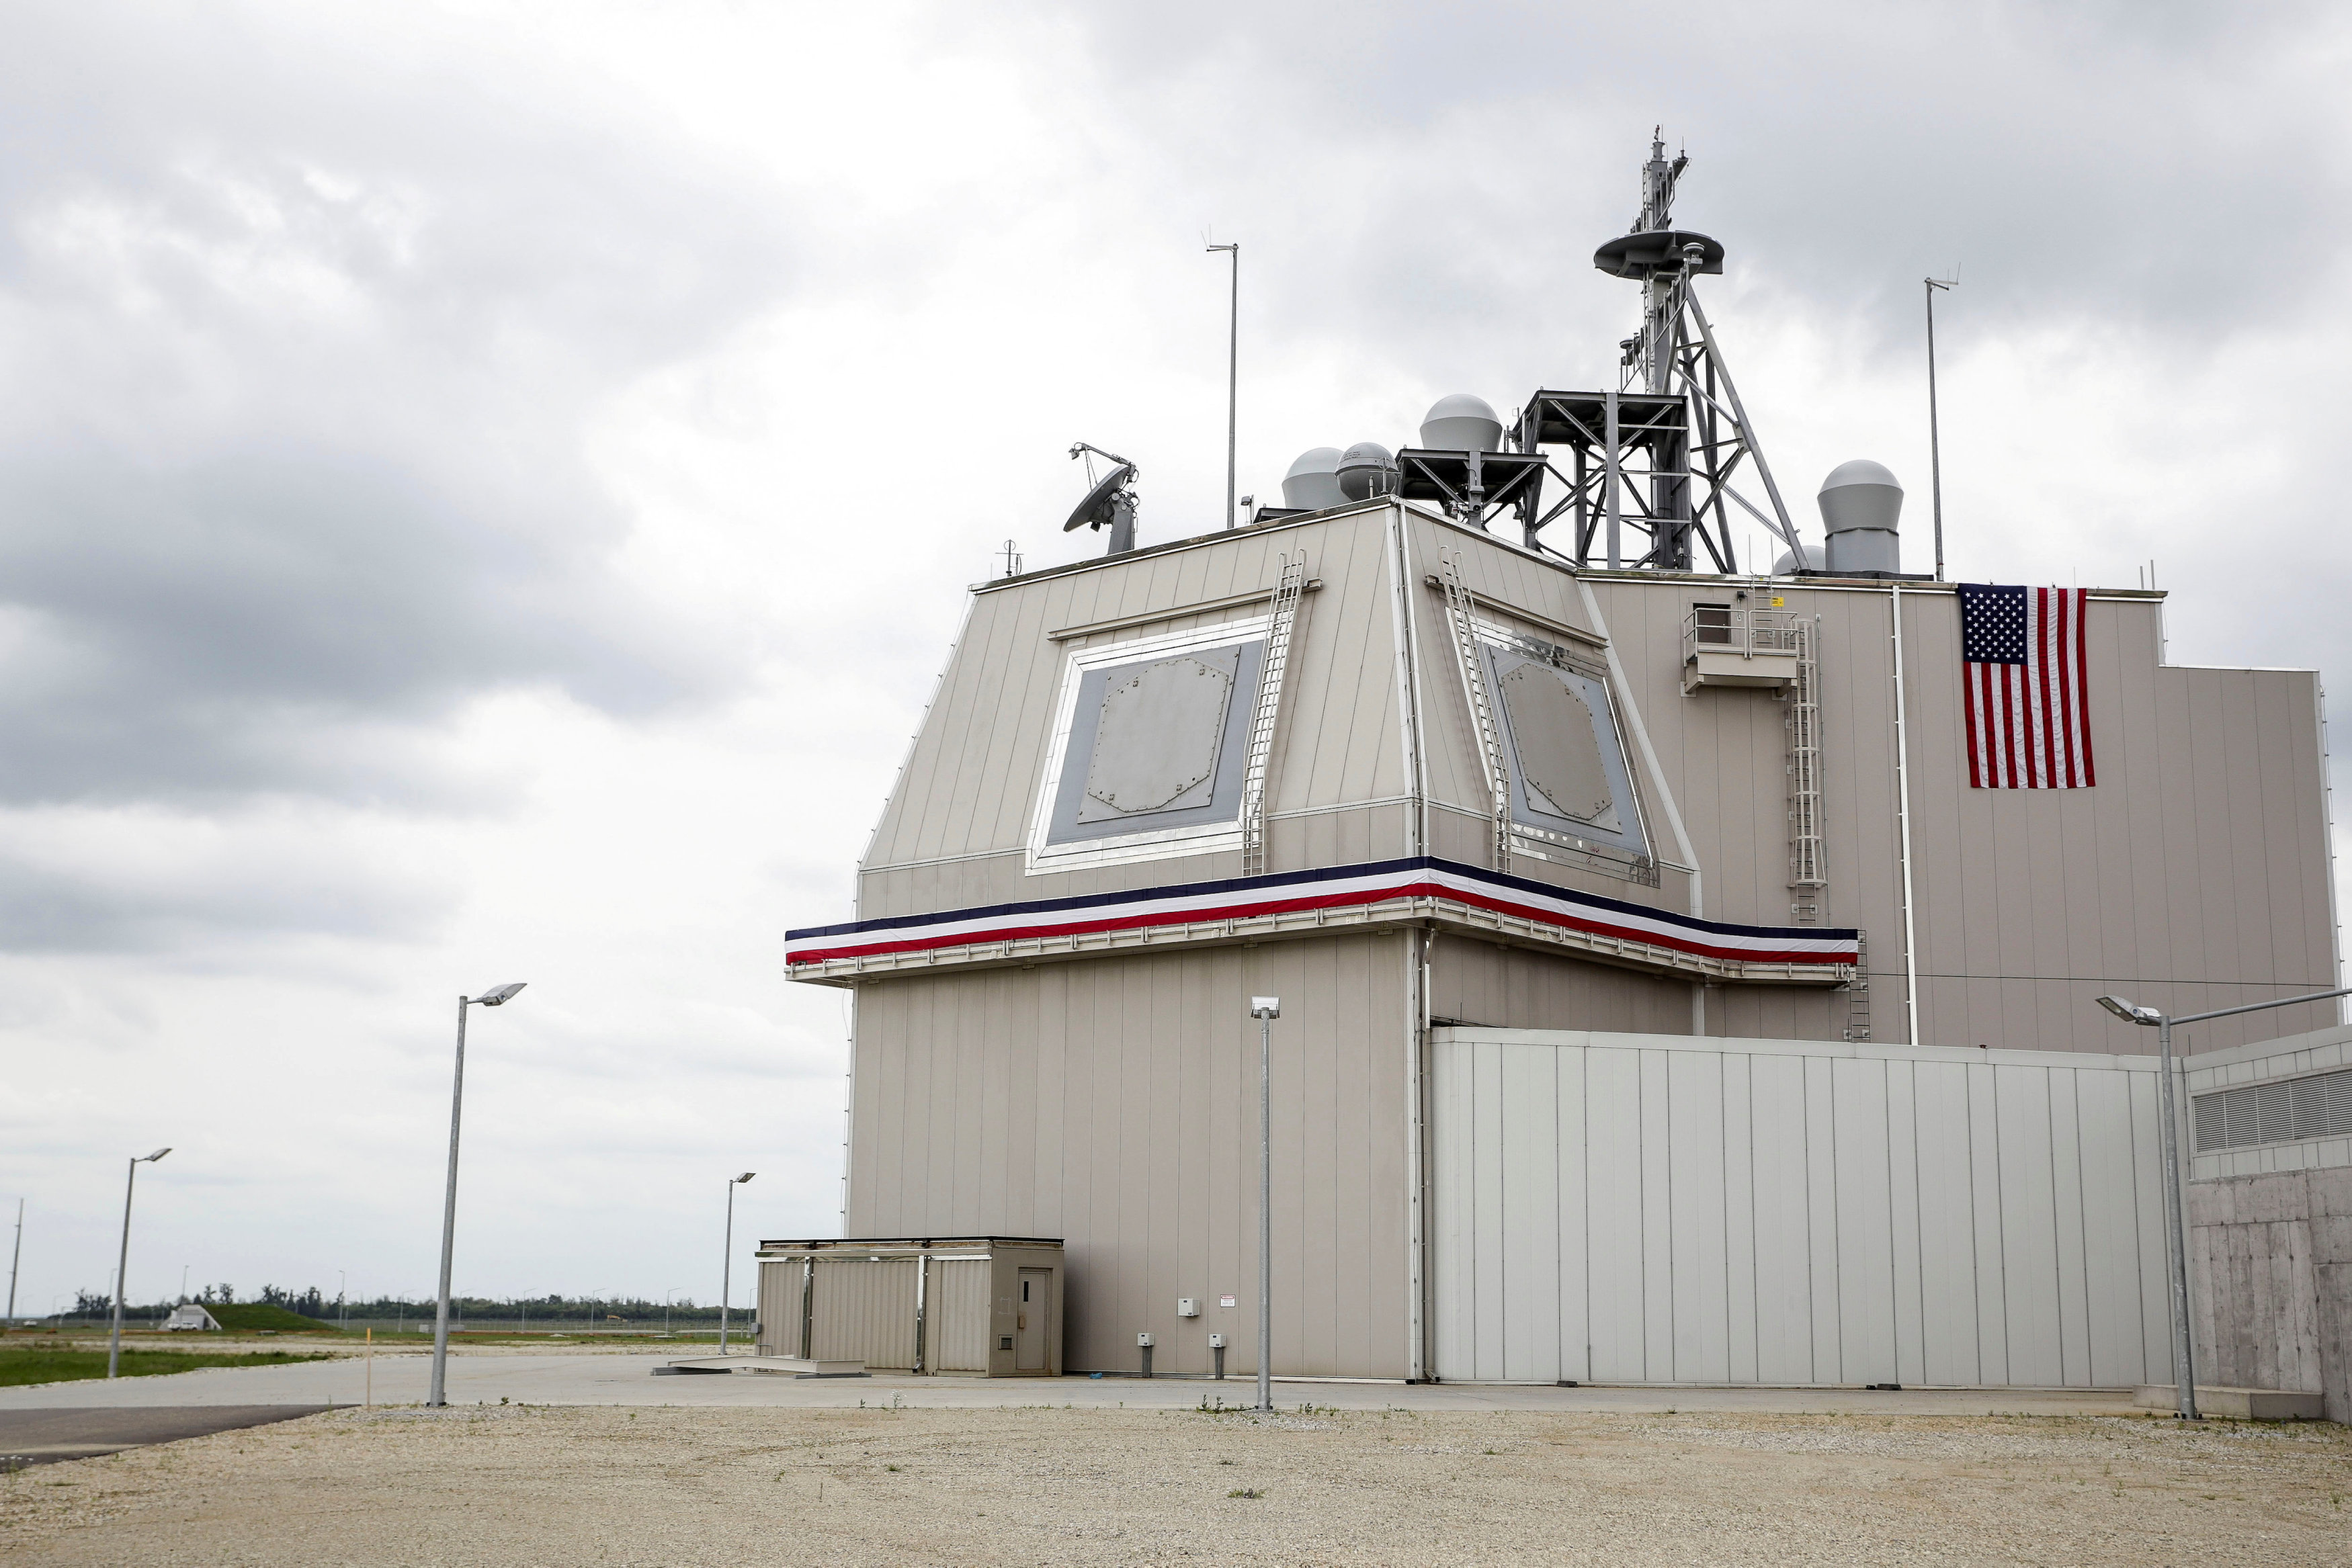 Exclusive: Japan seeks new U.S. missile radar as North Korea threat grows - sources